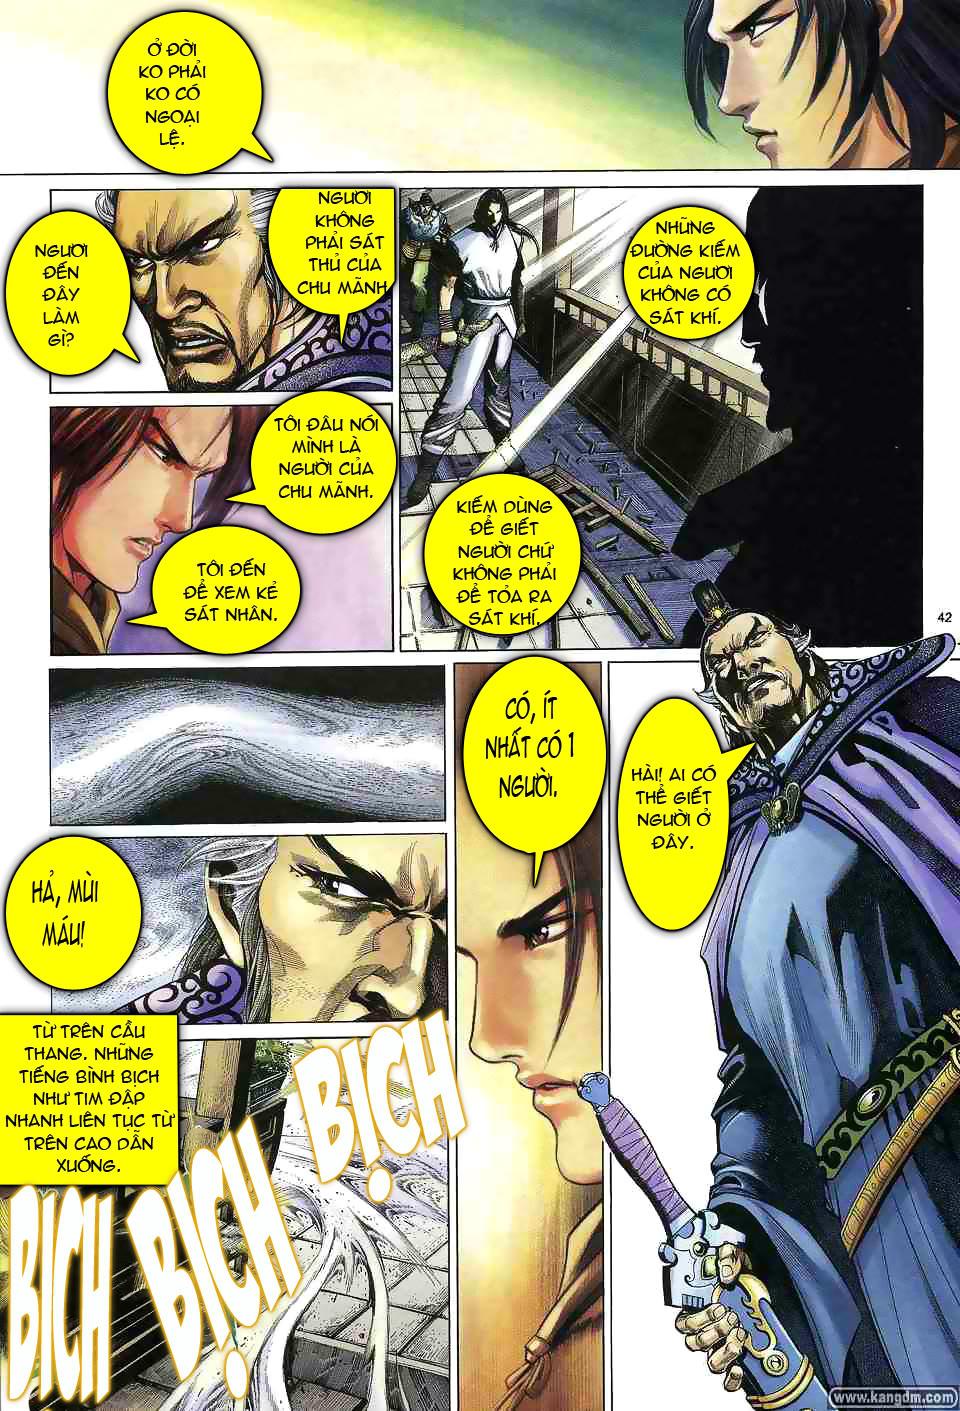 Anh hùng vô lệ chap 1 trang 41